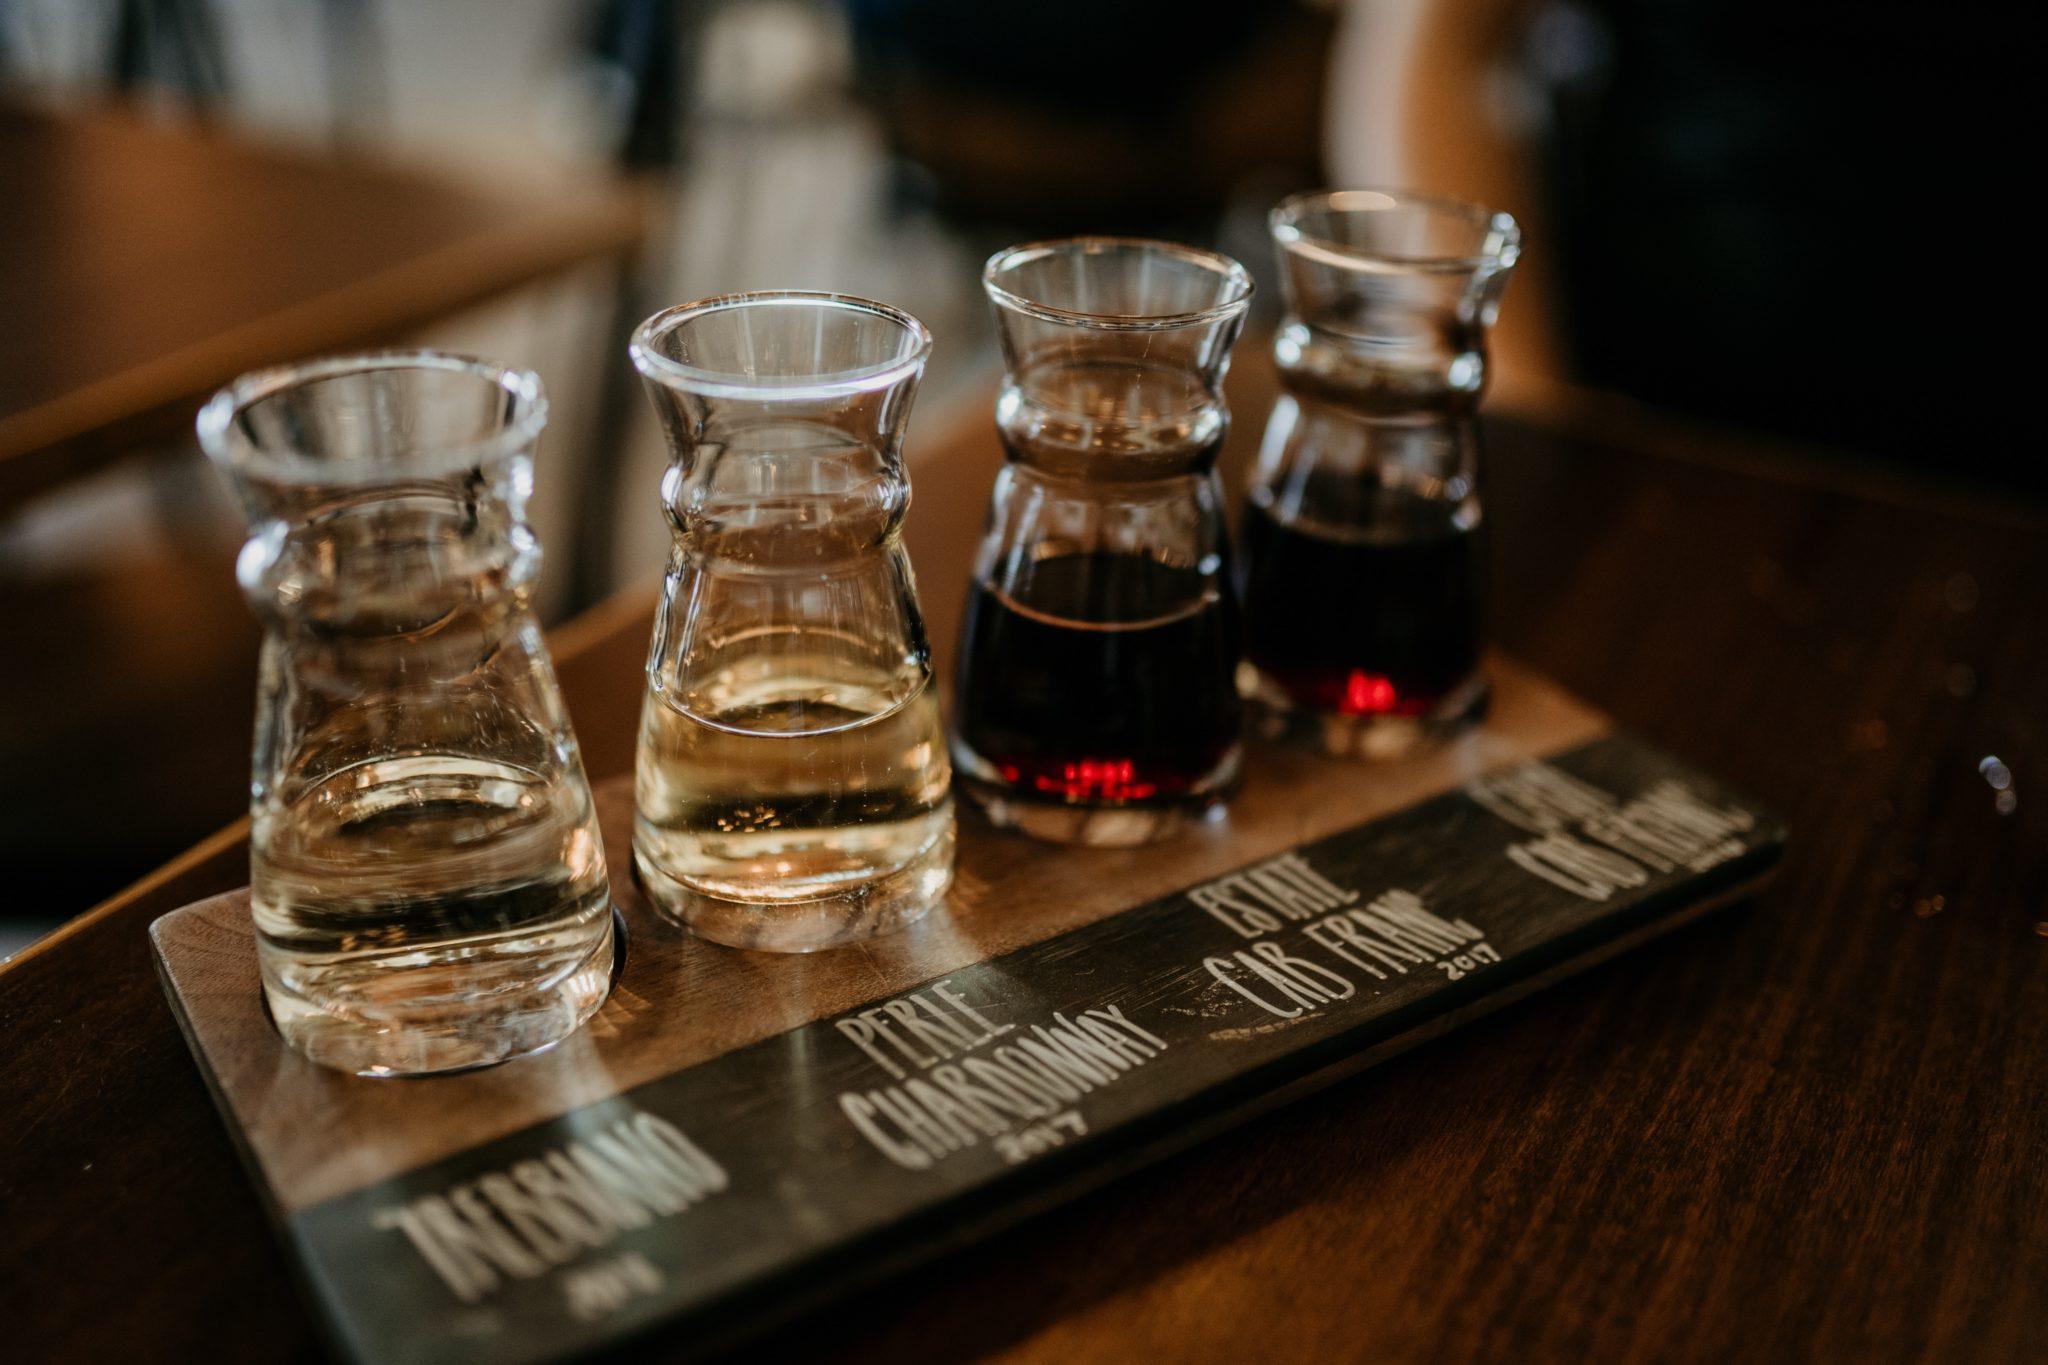 four wine sampler glasses